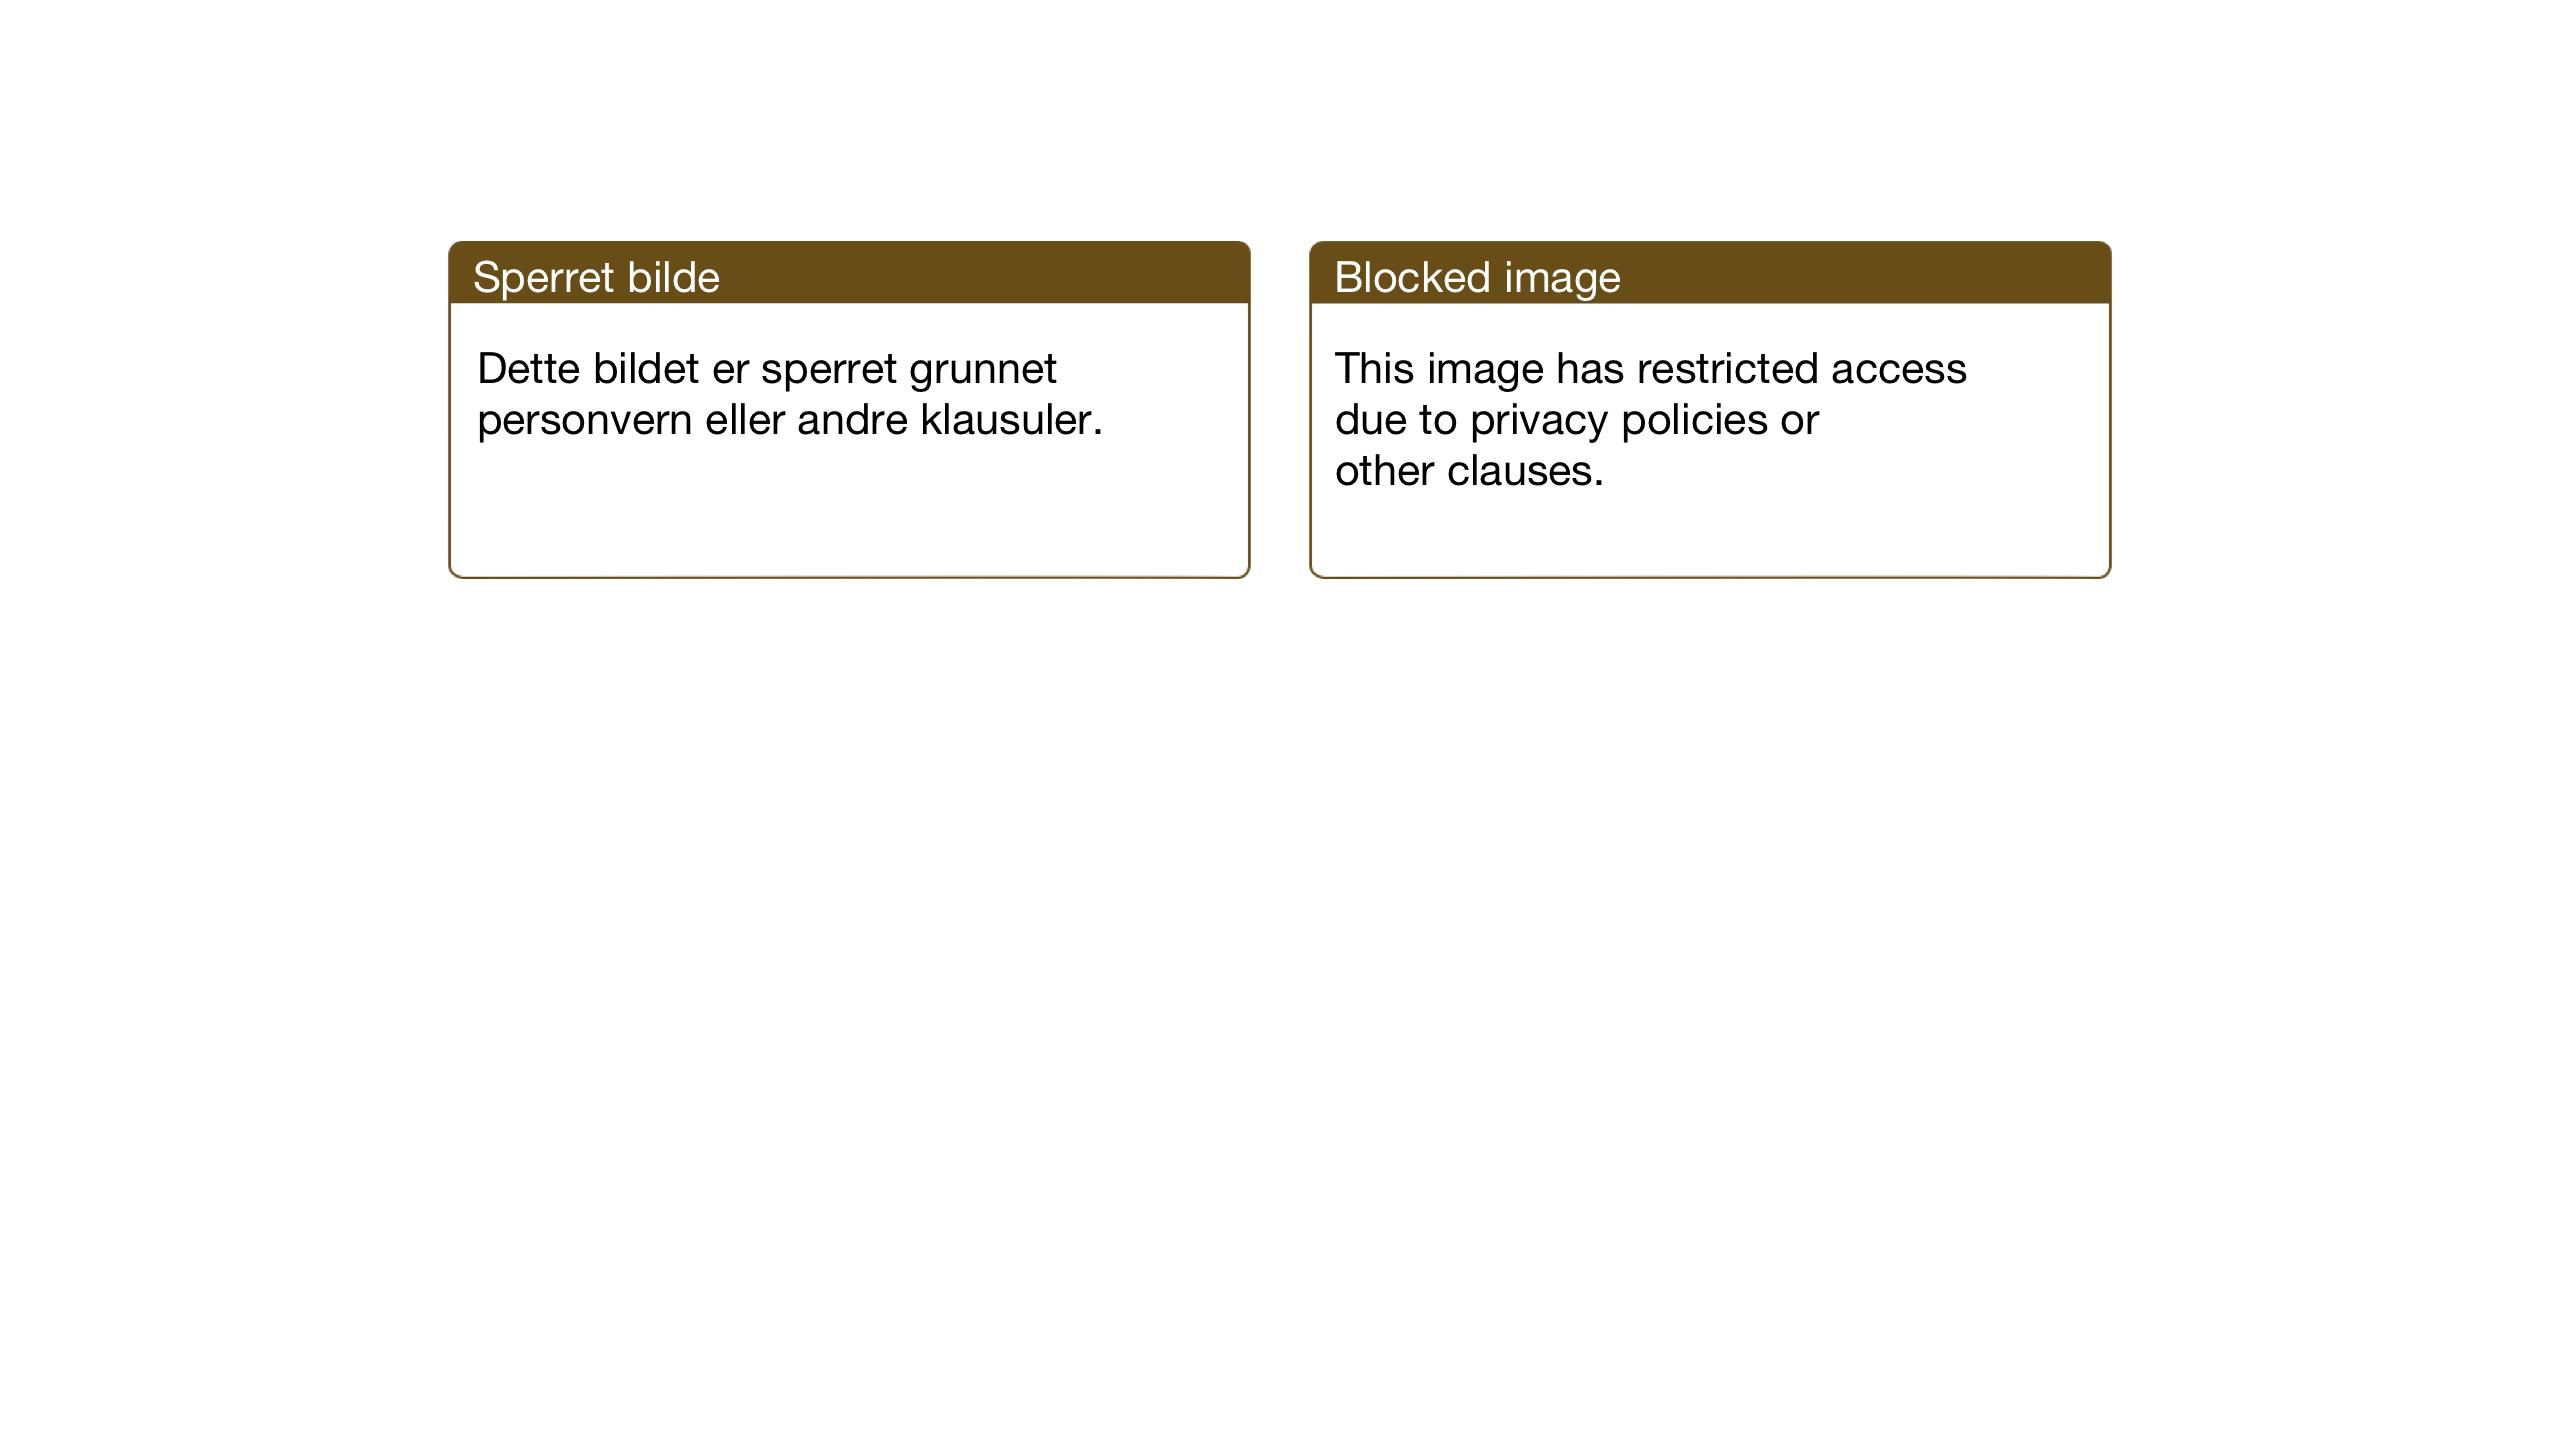 SAT, Ministerialprotokoller, klokkerbøker og fødselsregistre - Sør-Trøndelag, 668/L0817: Klokkerbok nr. 668C06, 1873-1884, s. 261